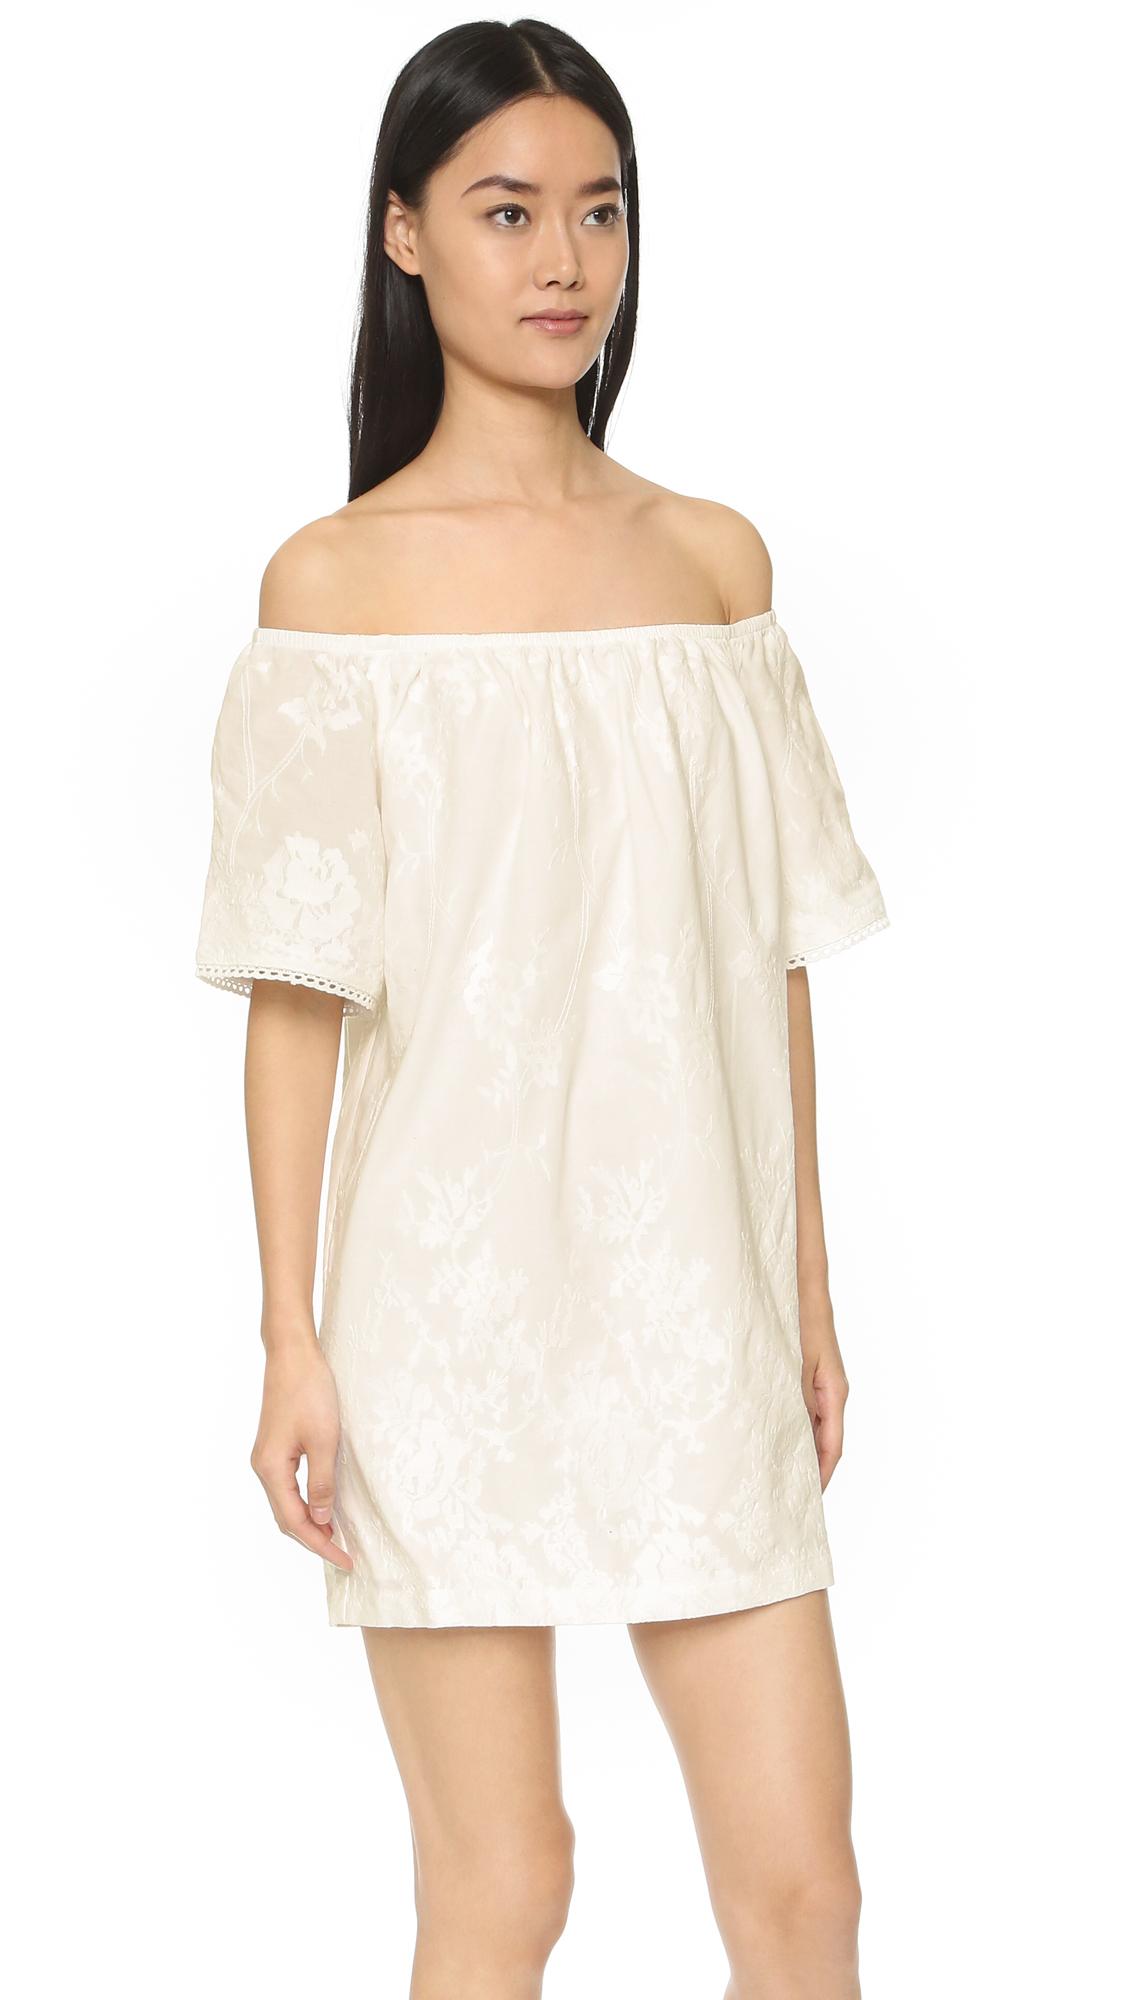 BB Dakota Manda Dress - SHOPBOP